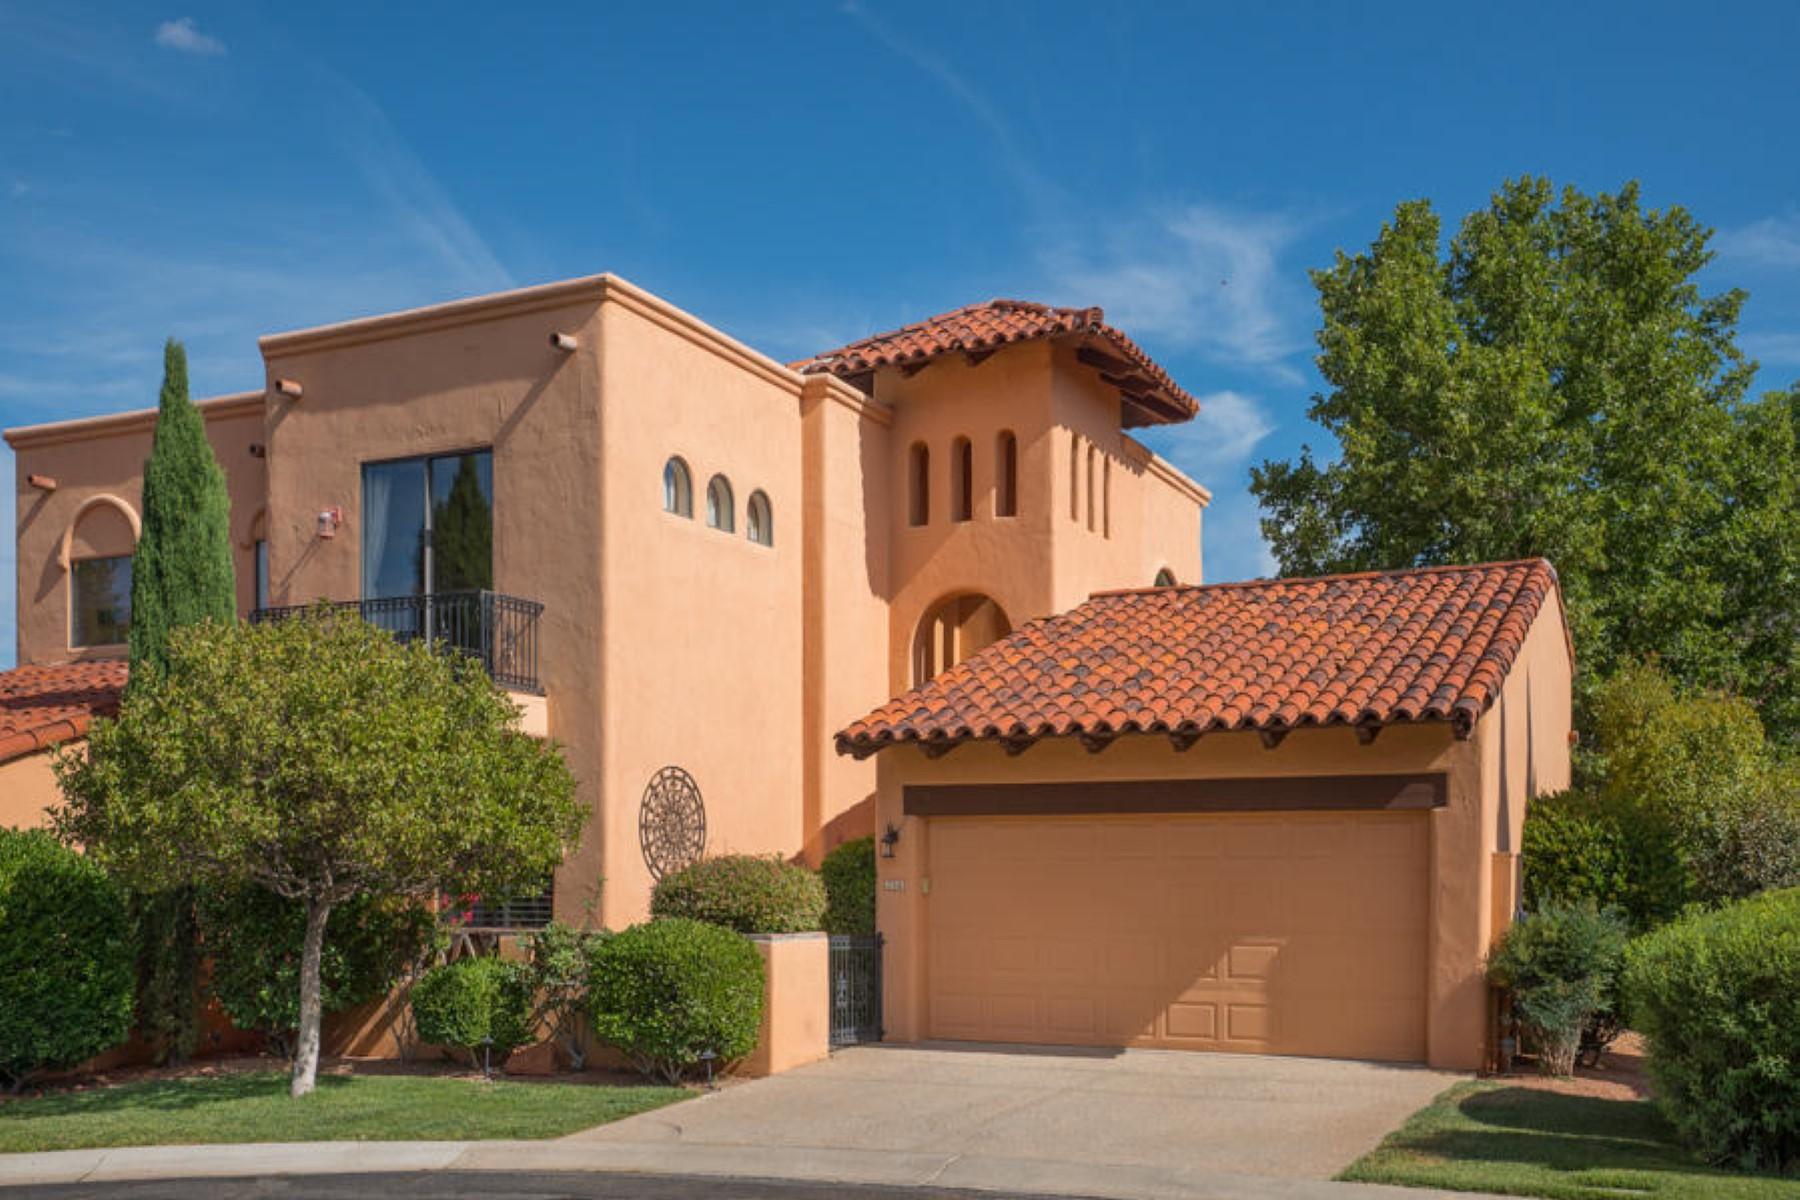 Частный односемейный дом для того Продажа на The Ridge at Sedona is a gorgeous gated community with resort amenities 26 Rim Trail Circle Sedona, Аризона 86351 Соединенные Штаты